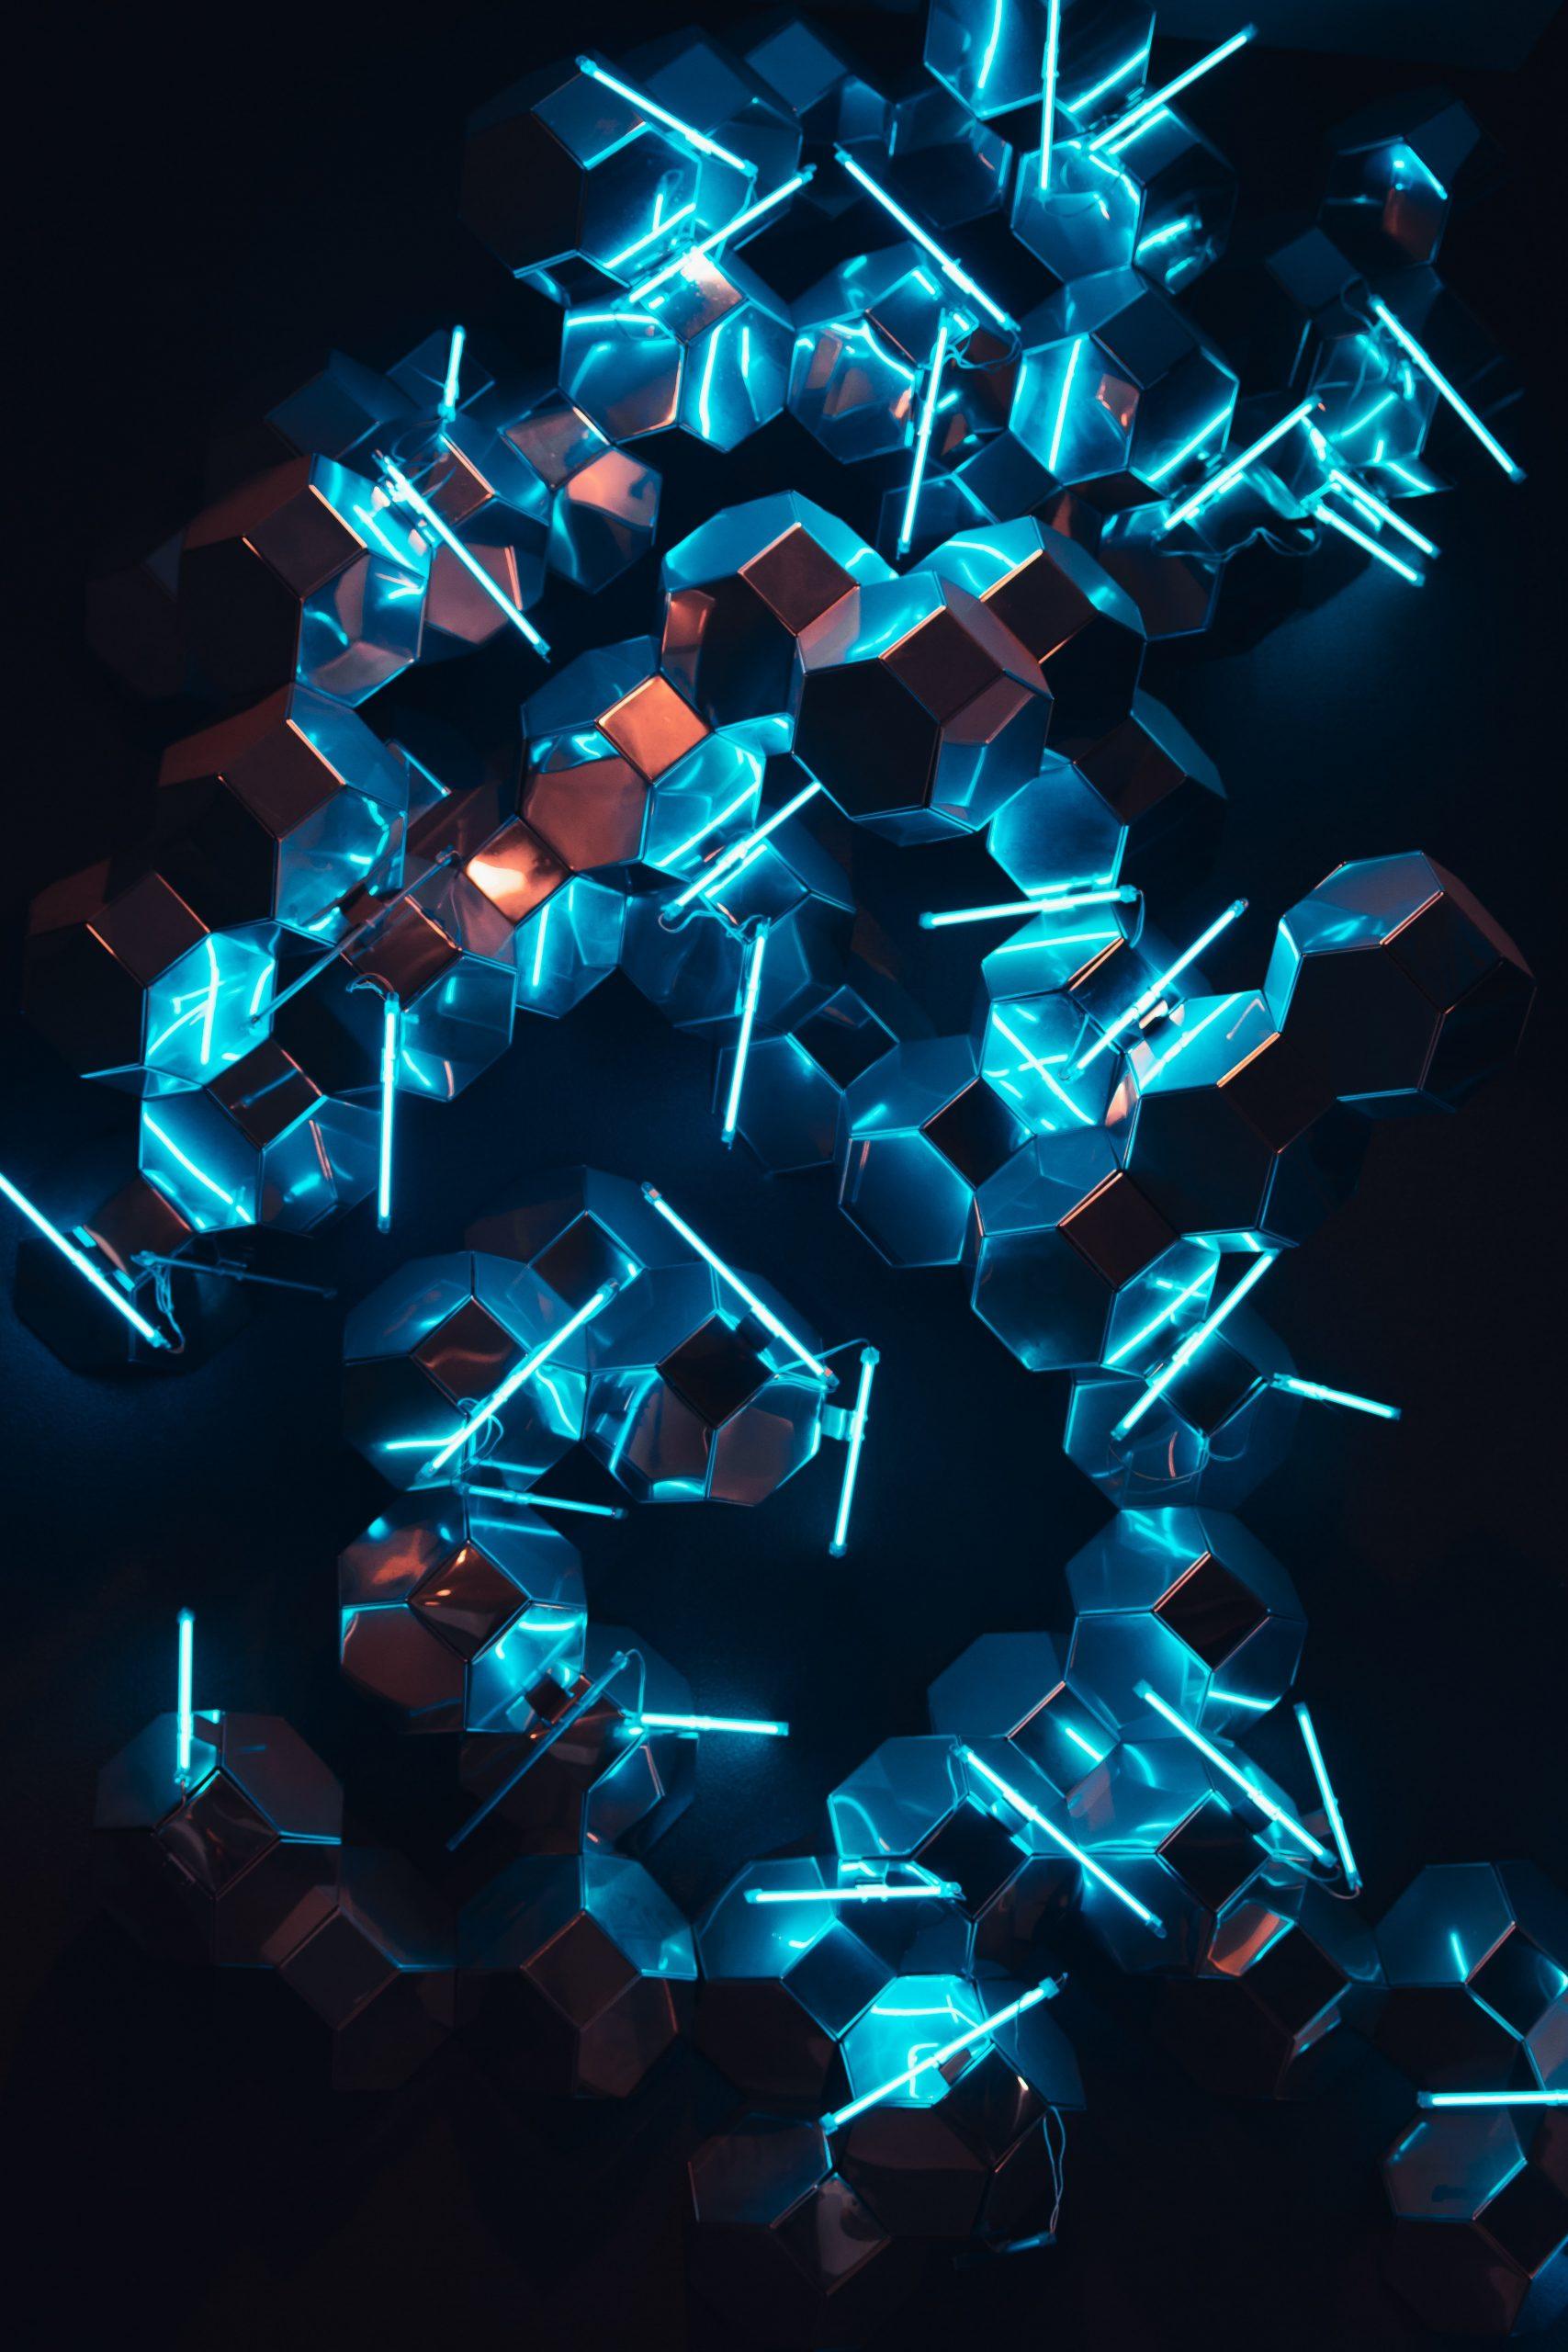 cyber pattern